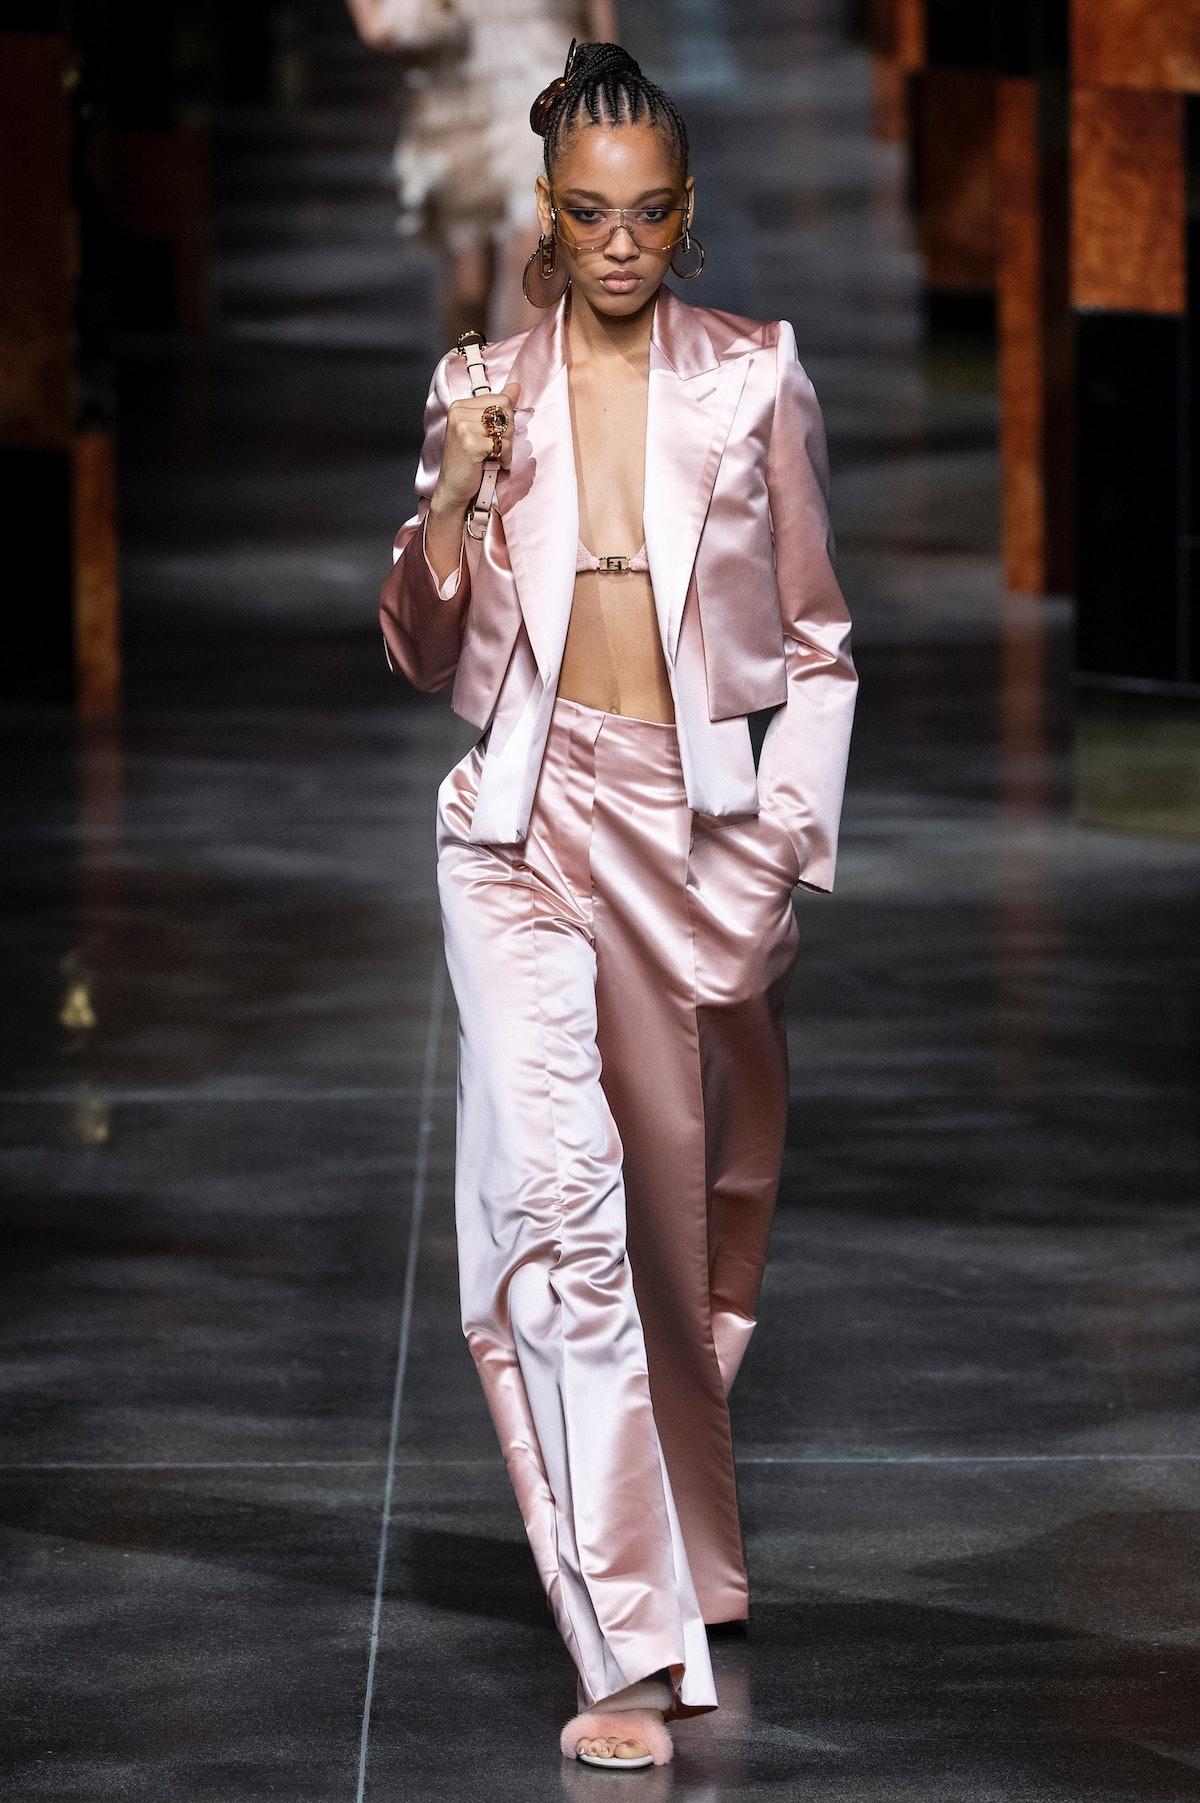 میلان ، ایتالیا - 22 سپتامبر: یک مدل در باند پیاده روی در طول Fendi Ready to Dress Spring/Summer 2 قدم می زند ...